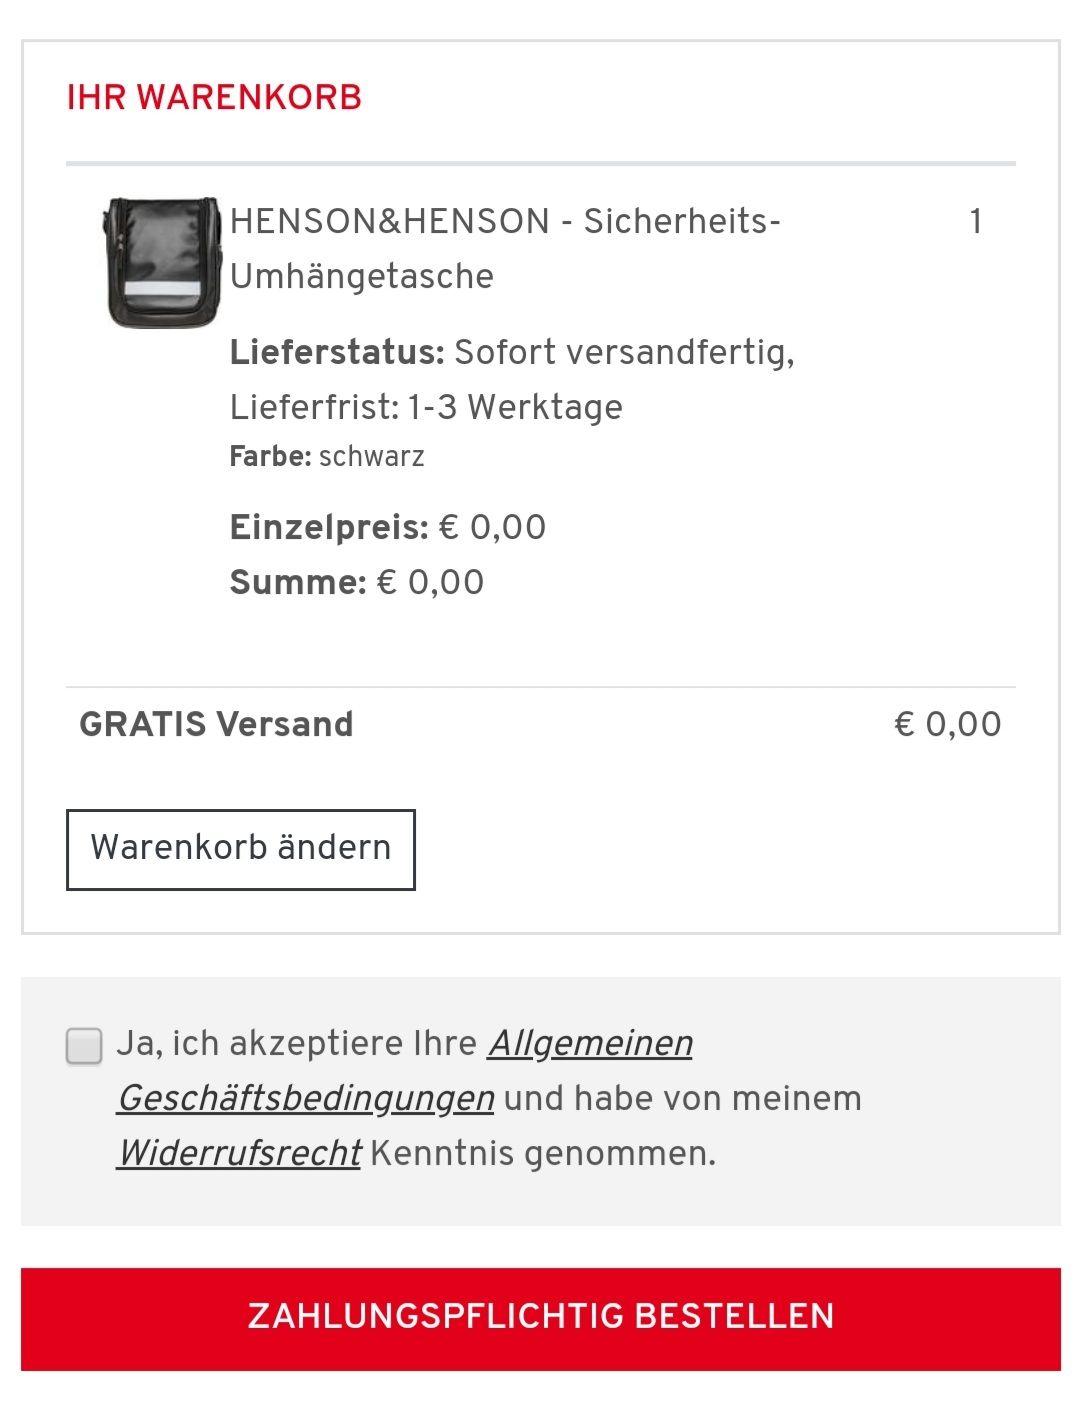 (Preisfehler?) GRATIS Henson&Henson Umhängetasche